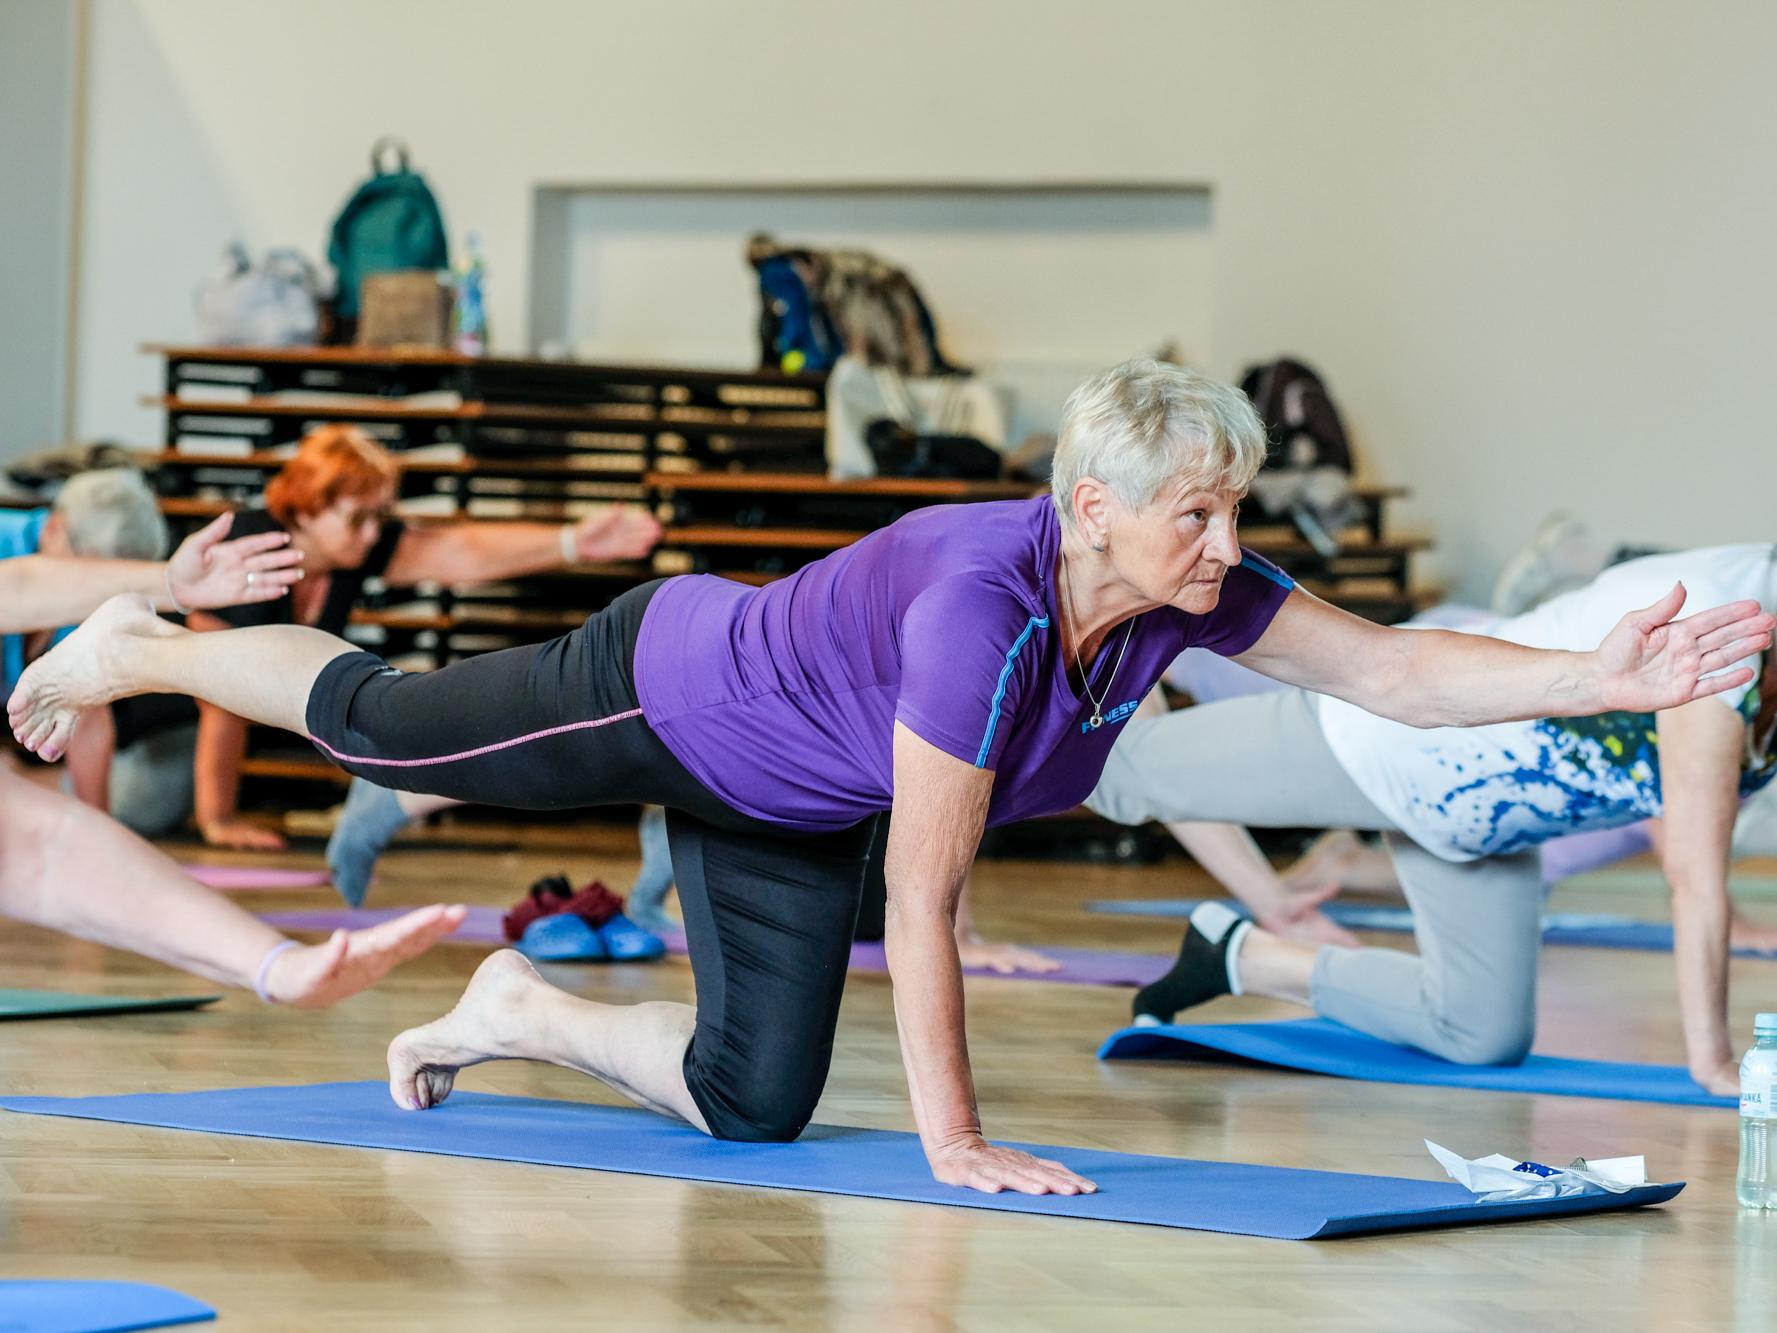 Zdjęcie przedstawiające seniorkę podczas ćwiczeń